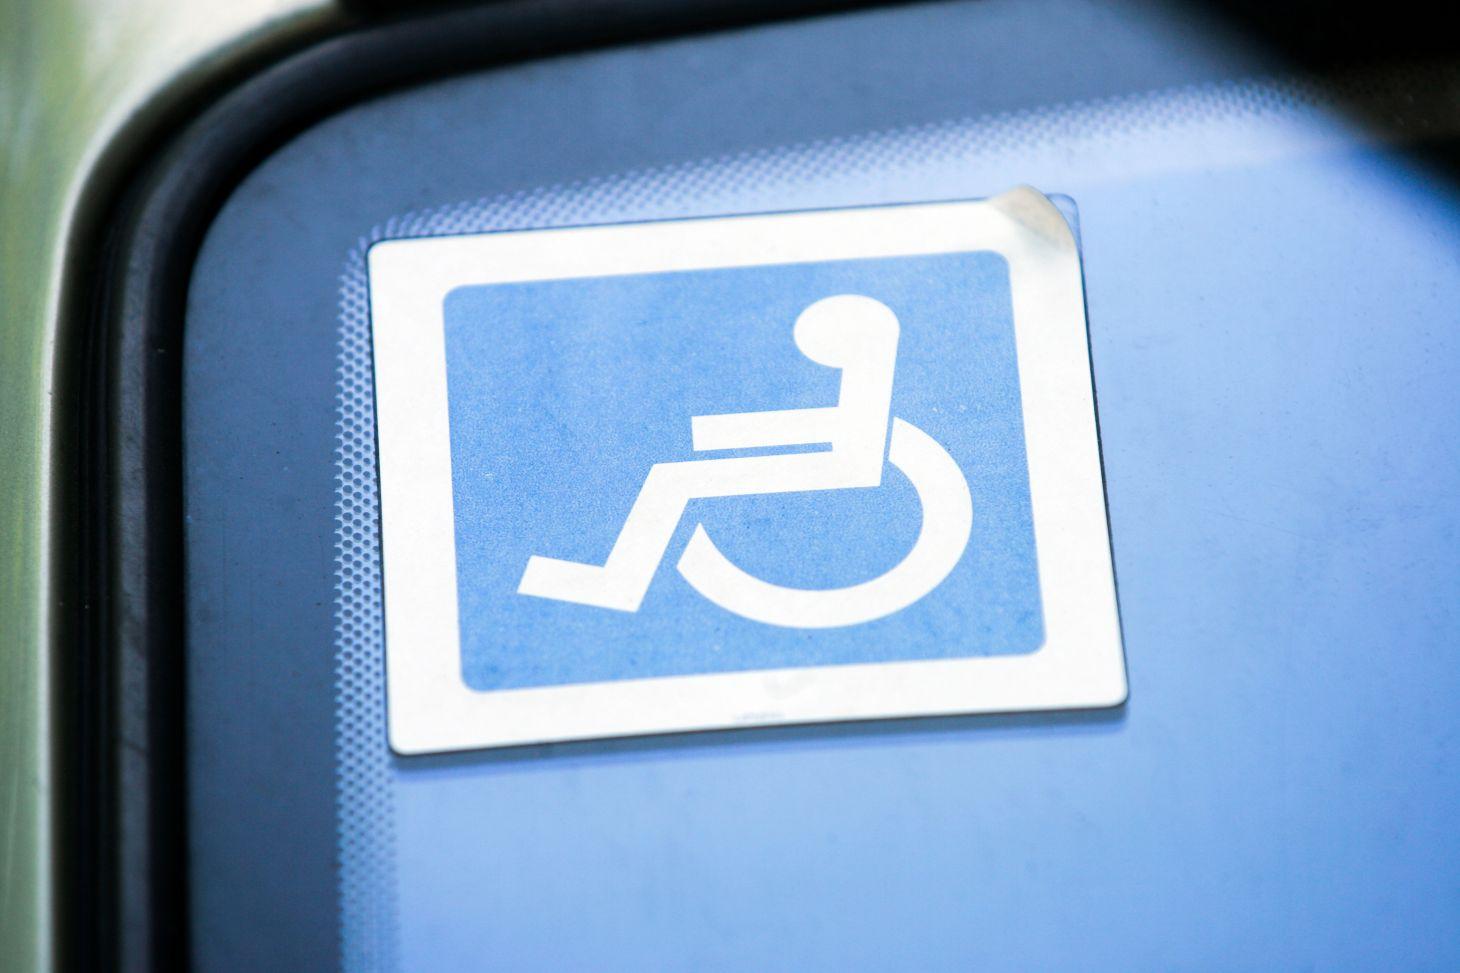 adesivo de pessoa com deficiência pcd em para-brisa de carro